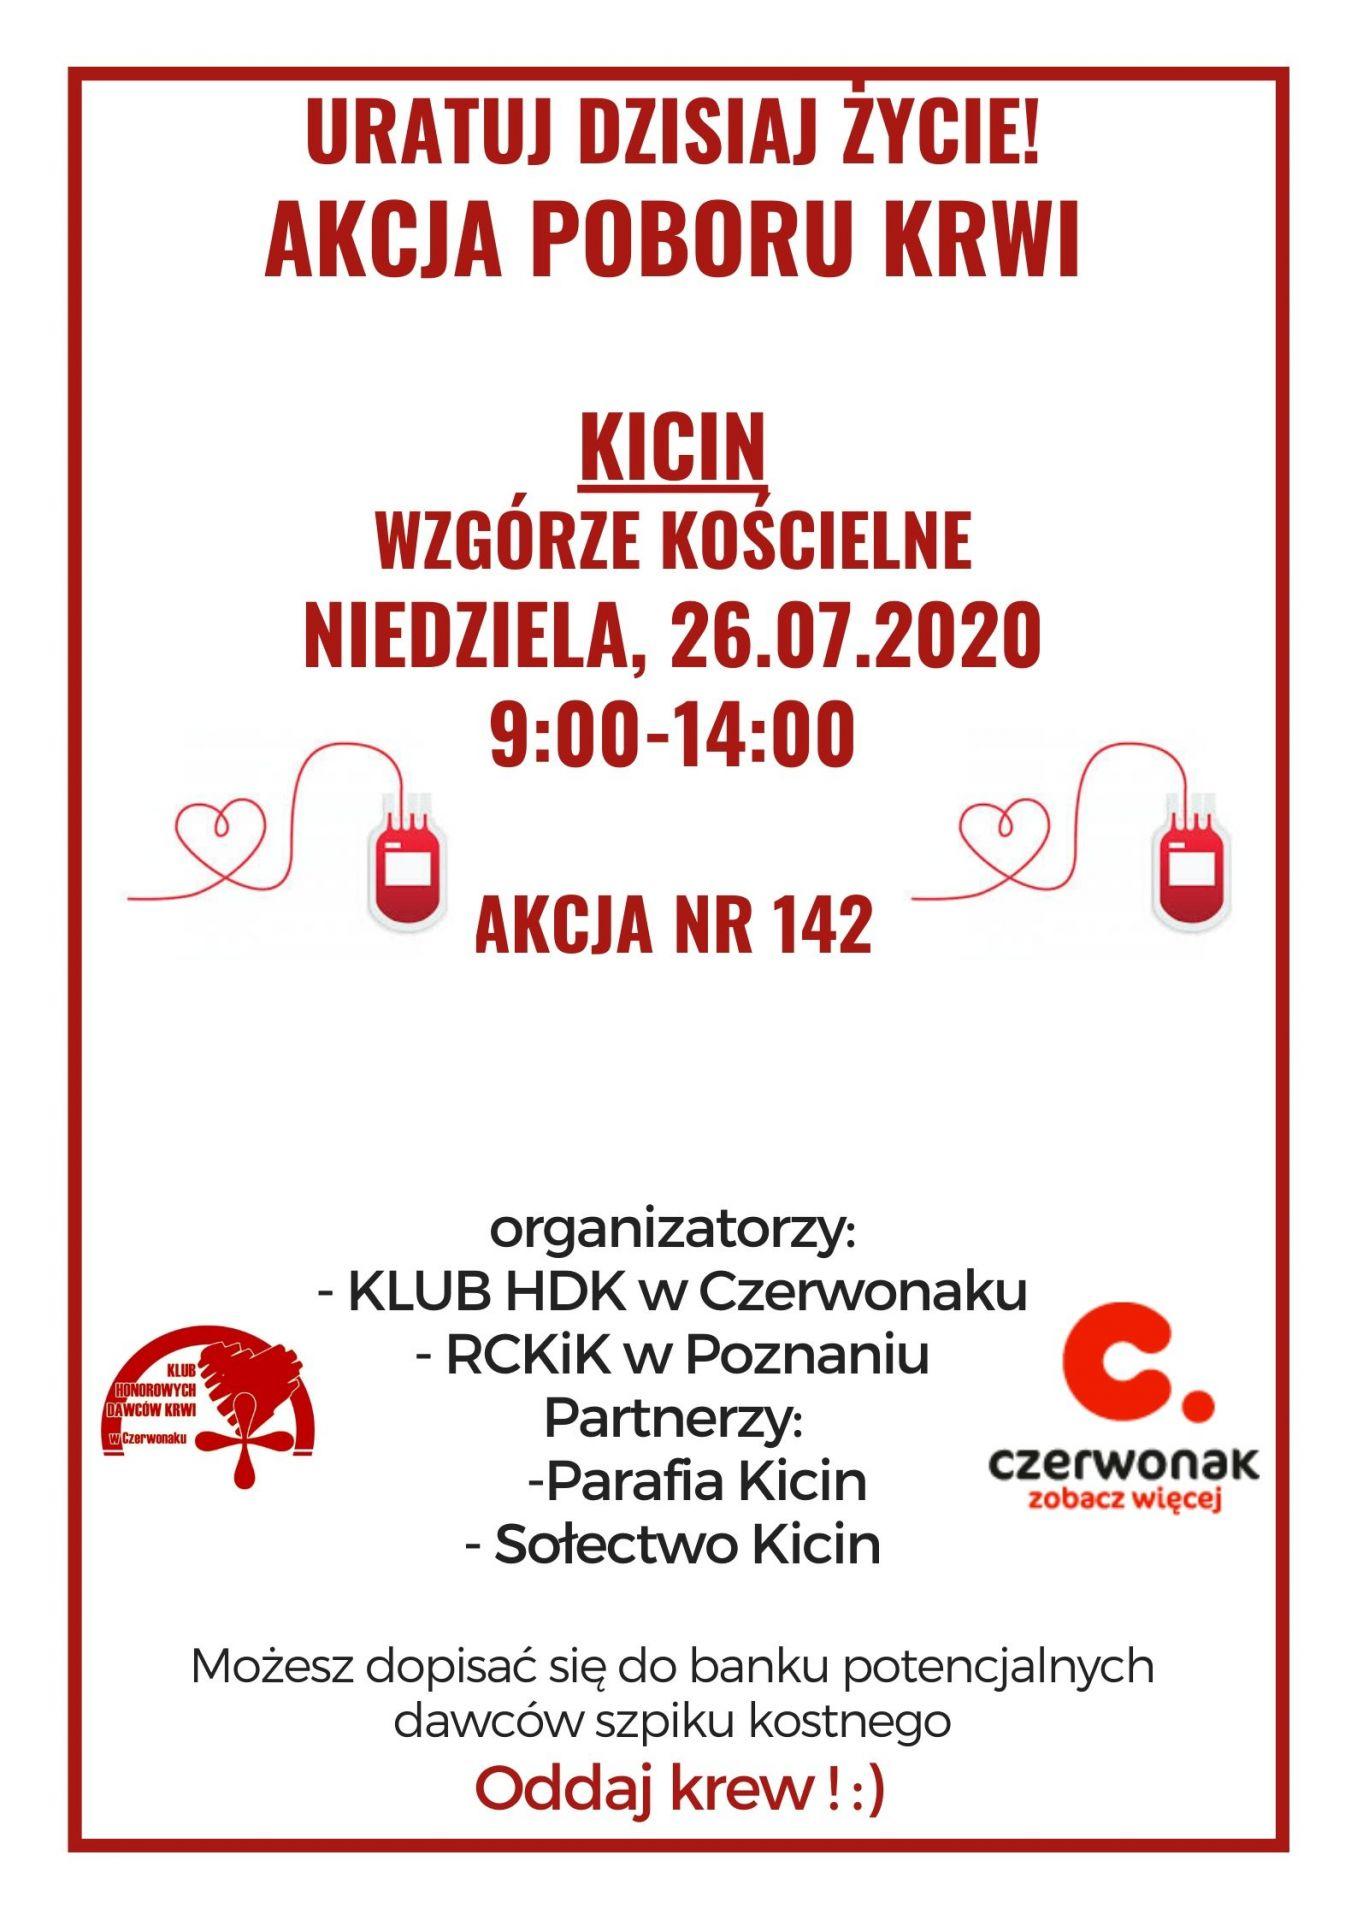 Akcja poboru krwi w Kicinie